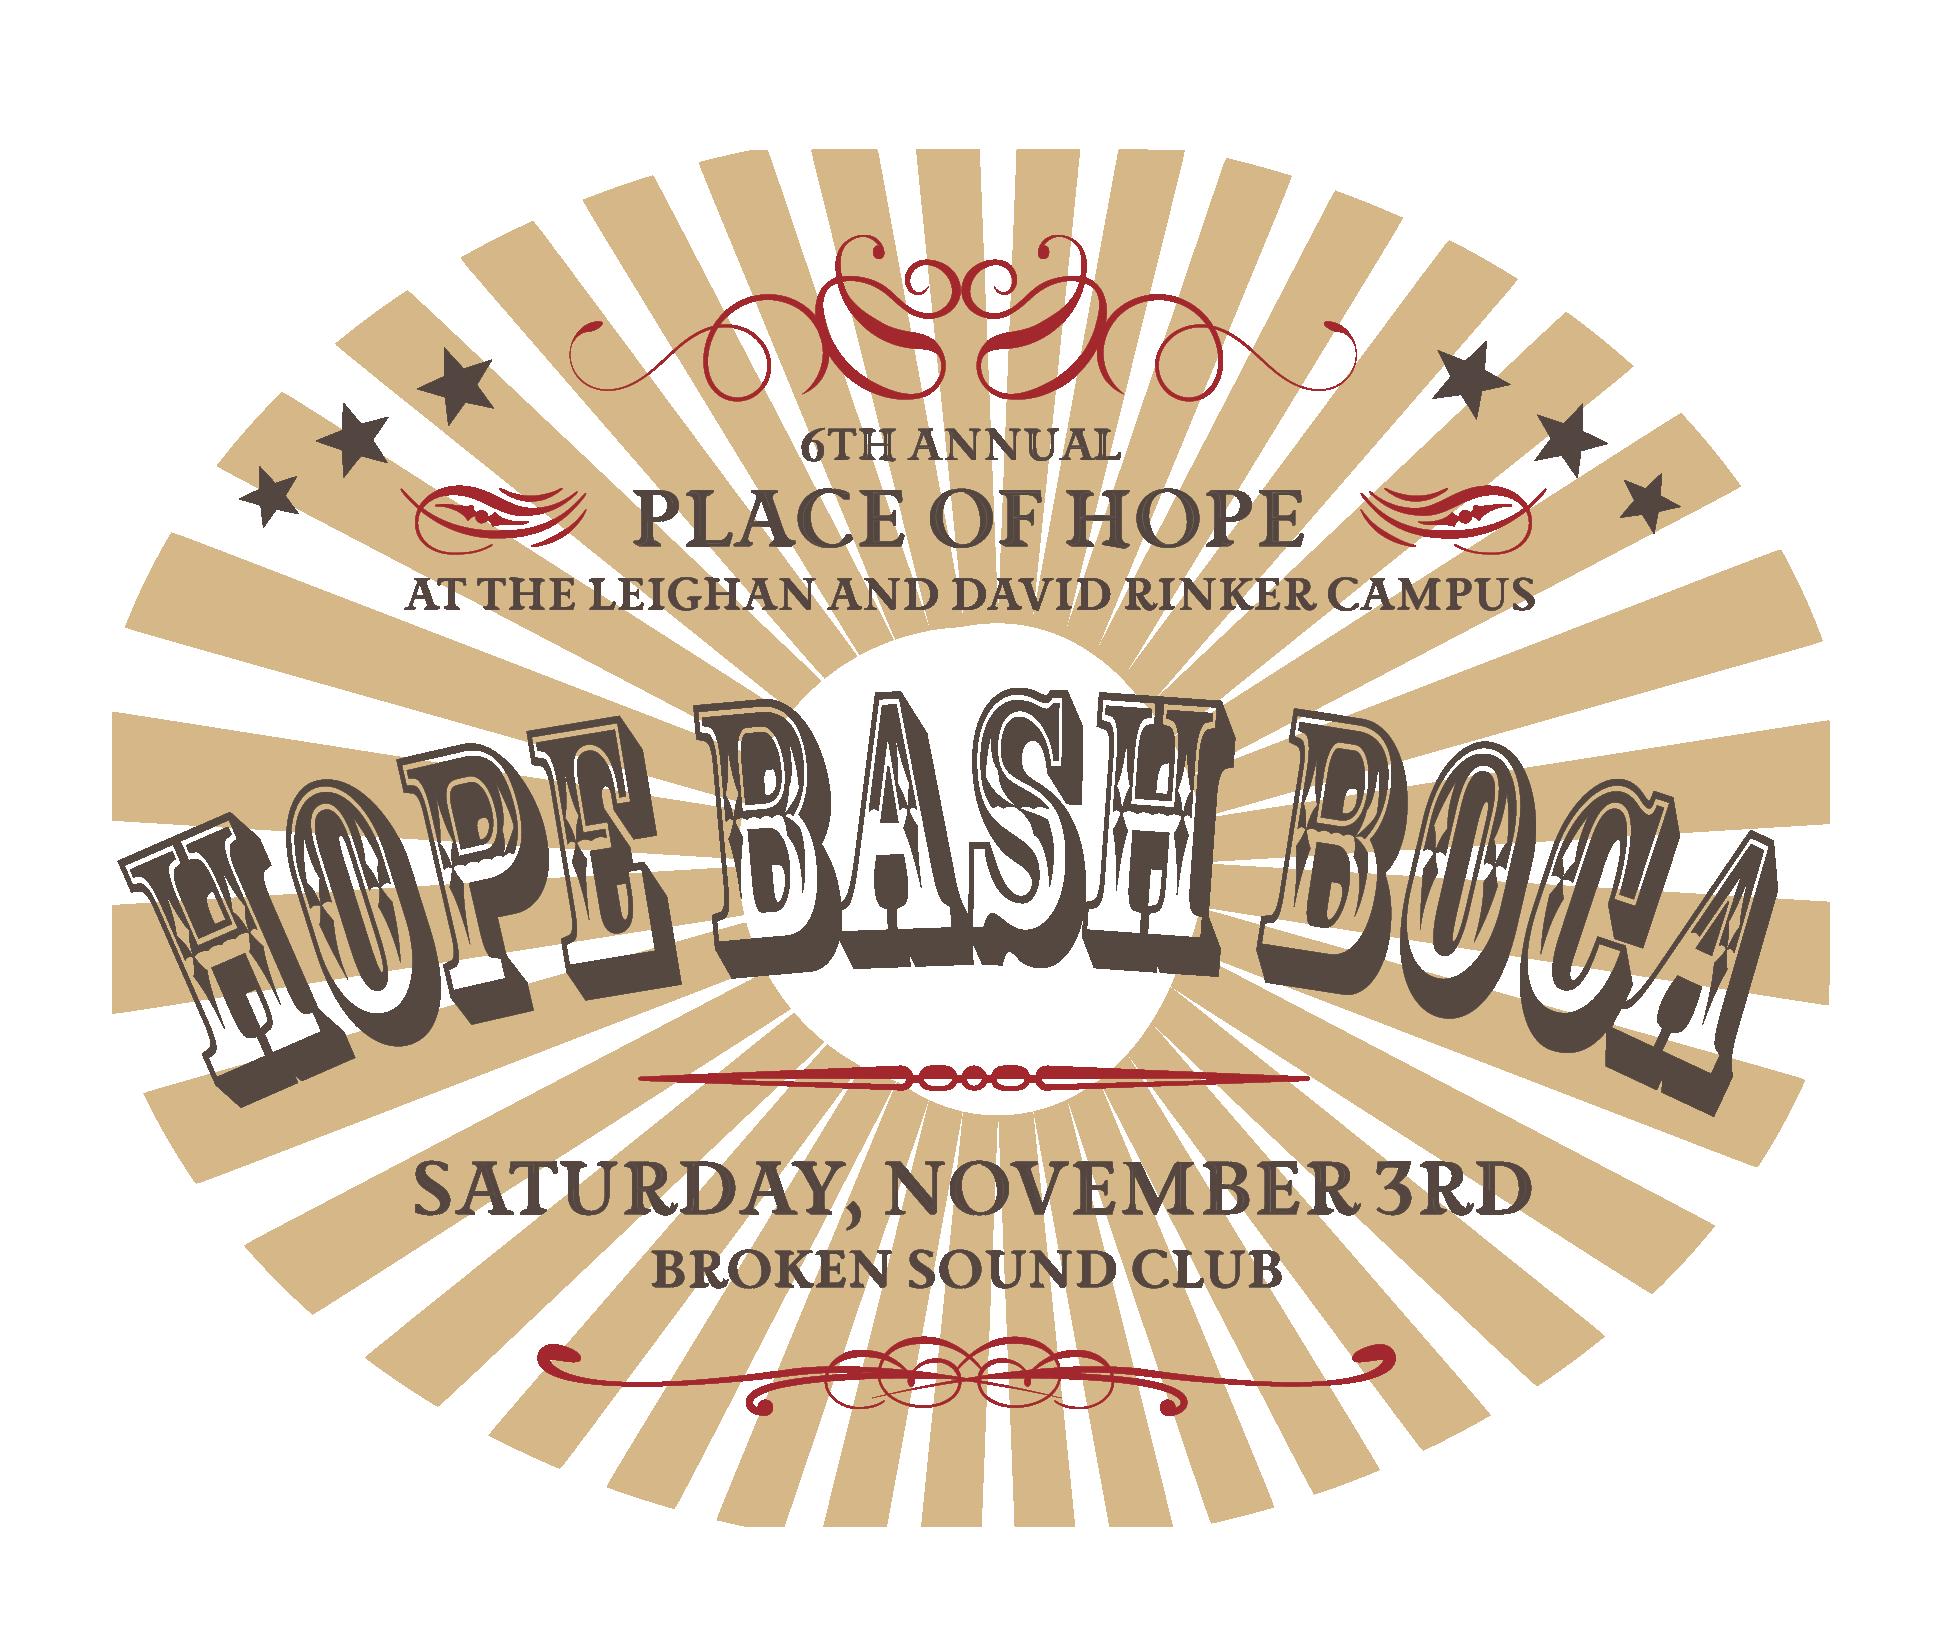 2019 Boca bash logo